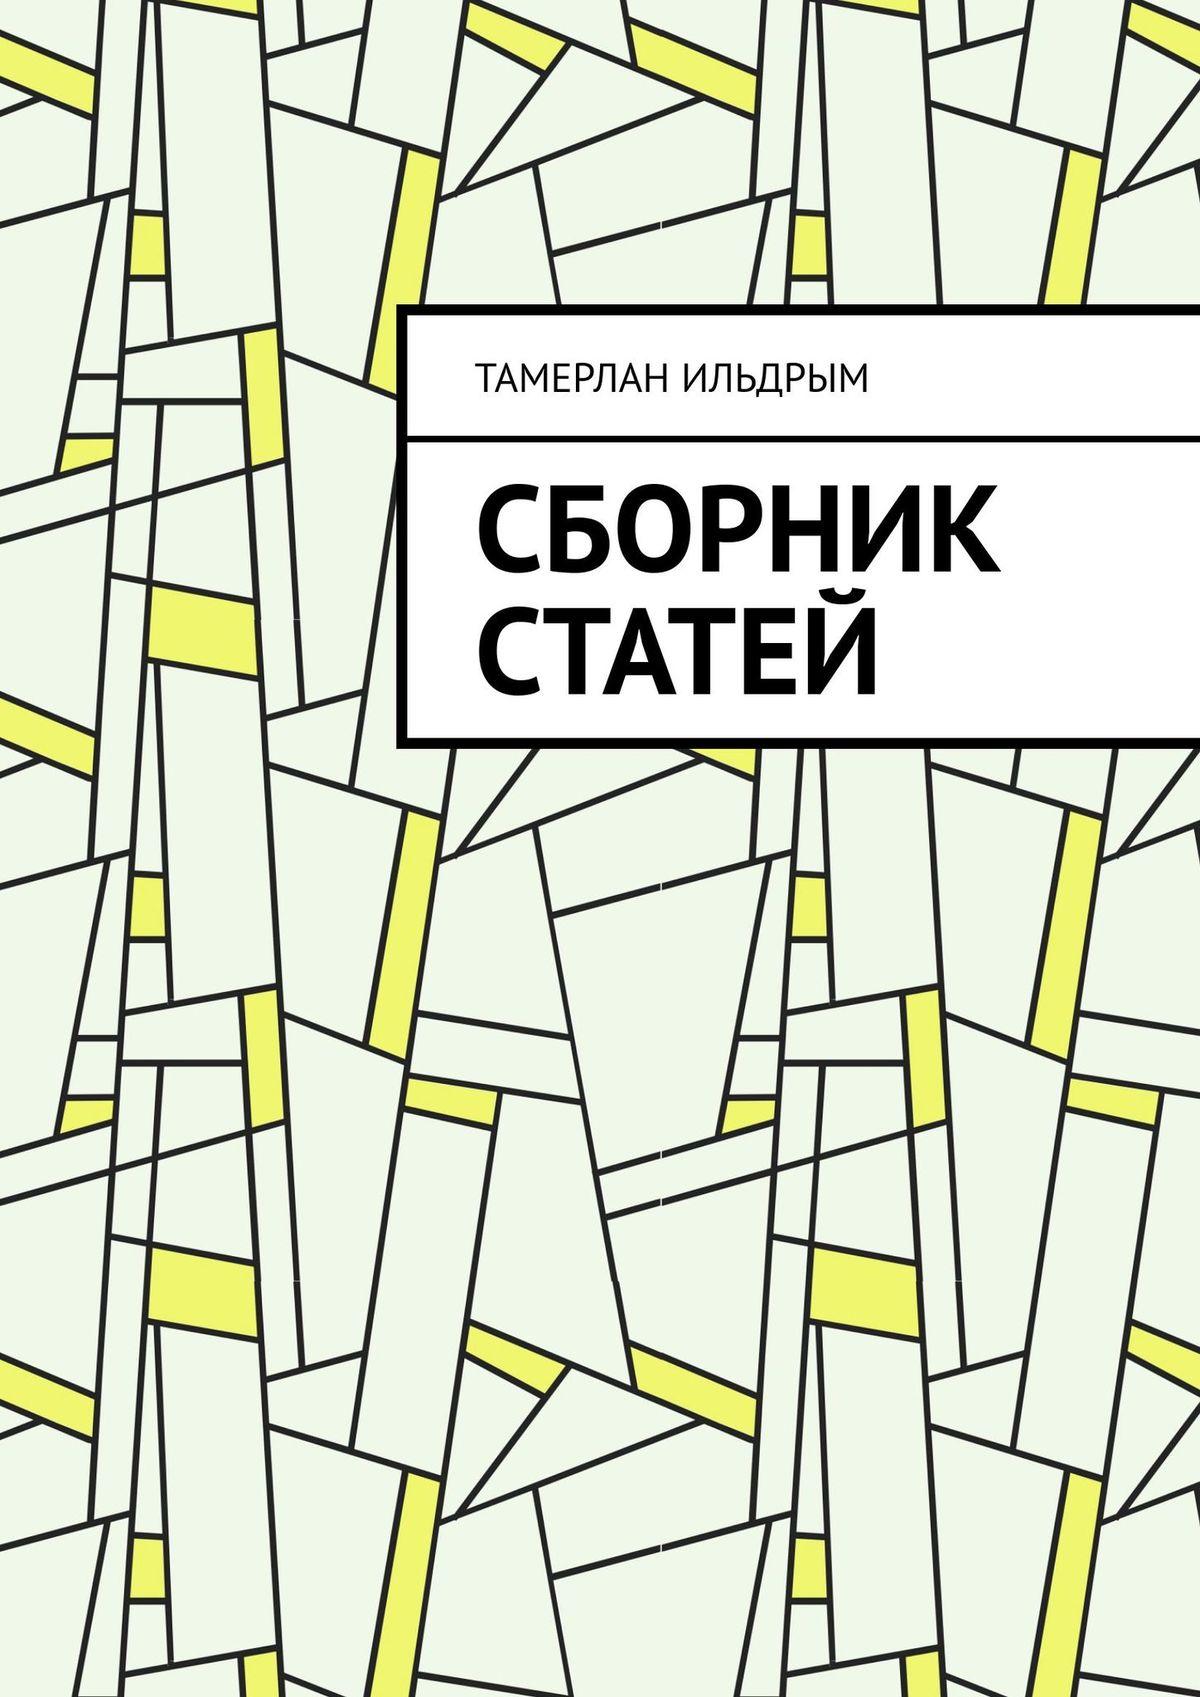 Тамерлан Ильдрым Сборник статей